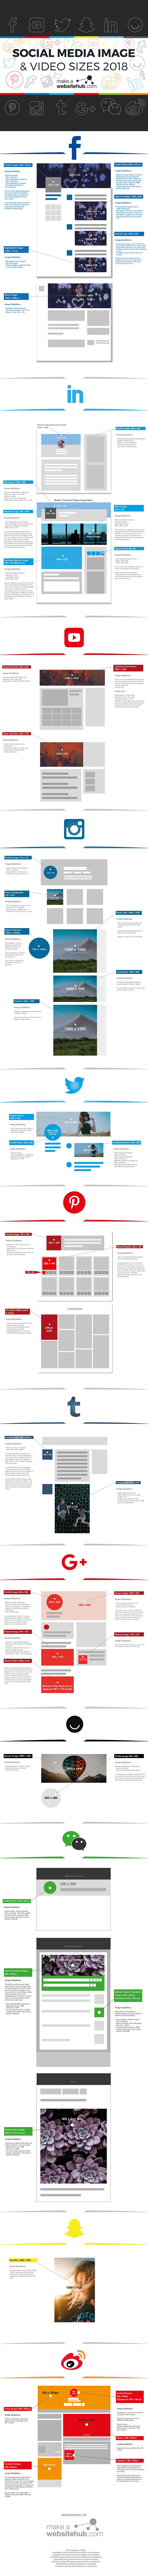 In einer Infografik: Die Bildgrößen von Facebook, Twitter, Google+ ...